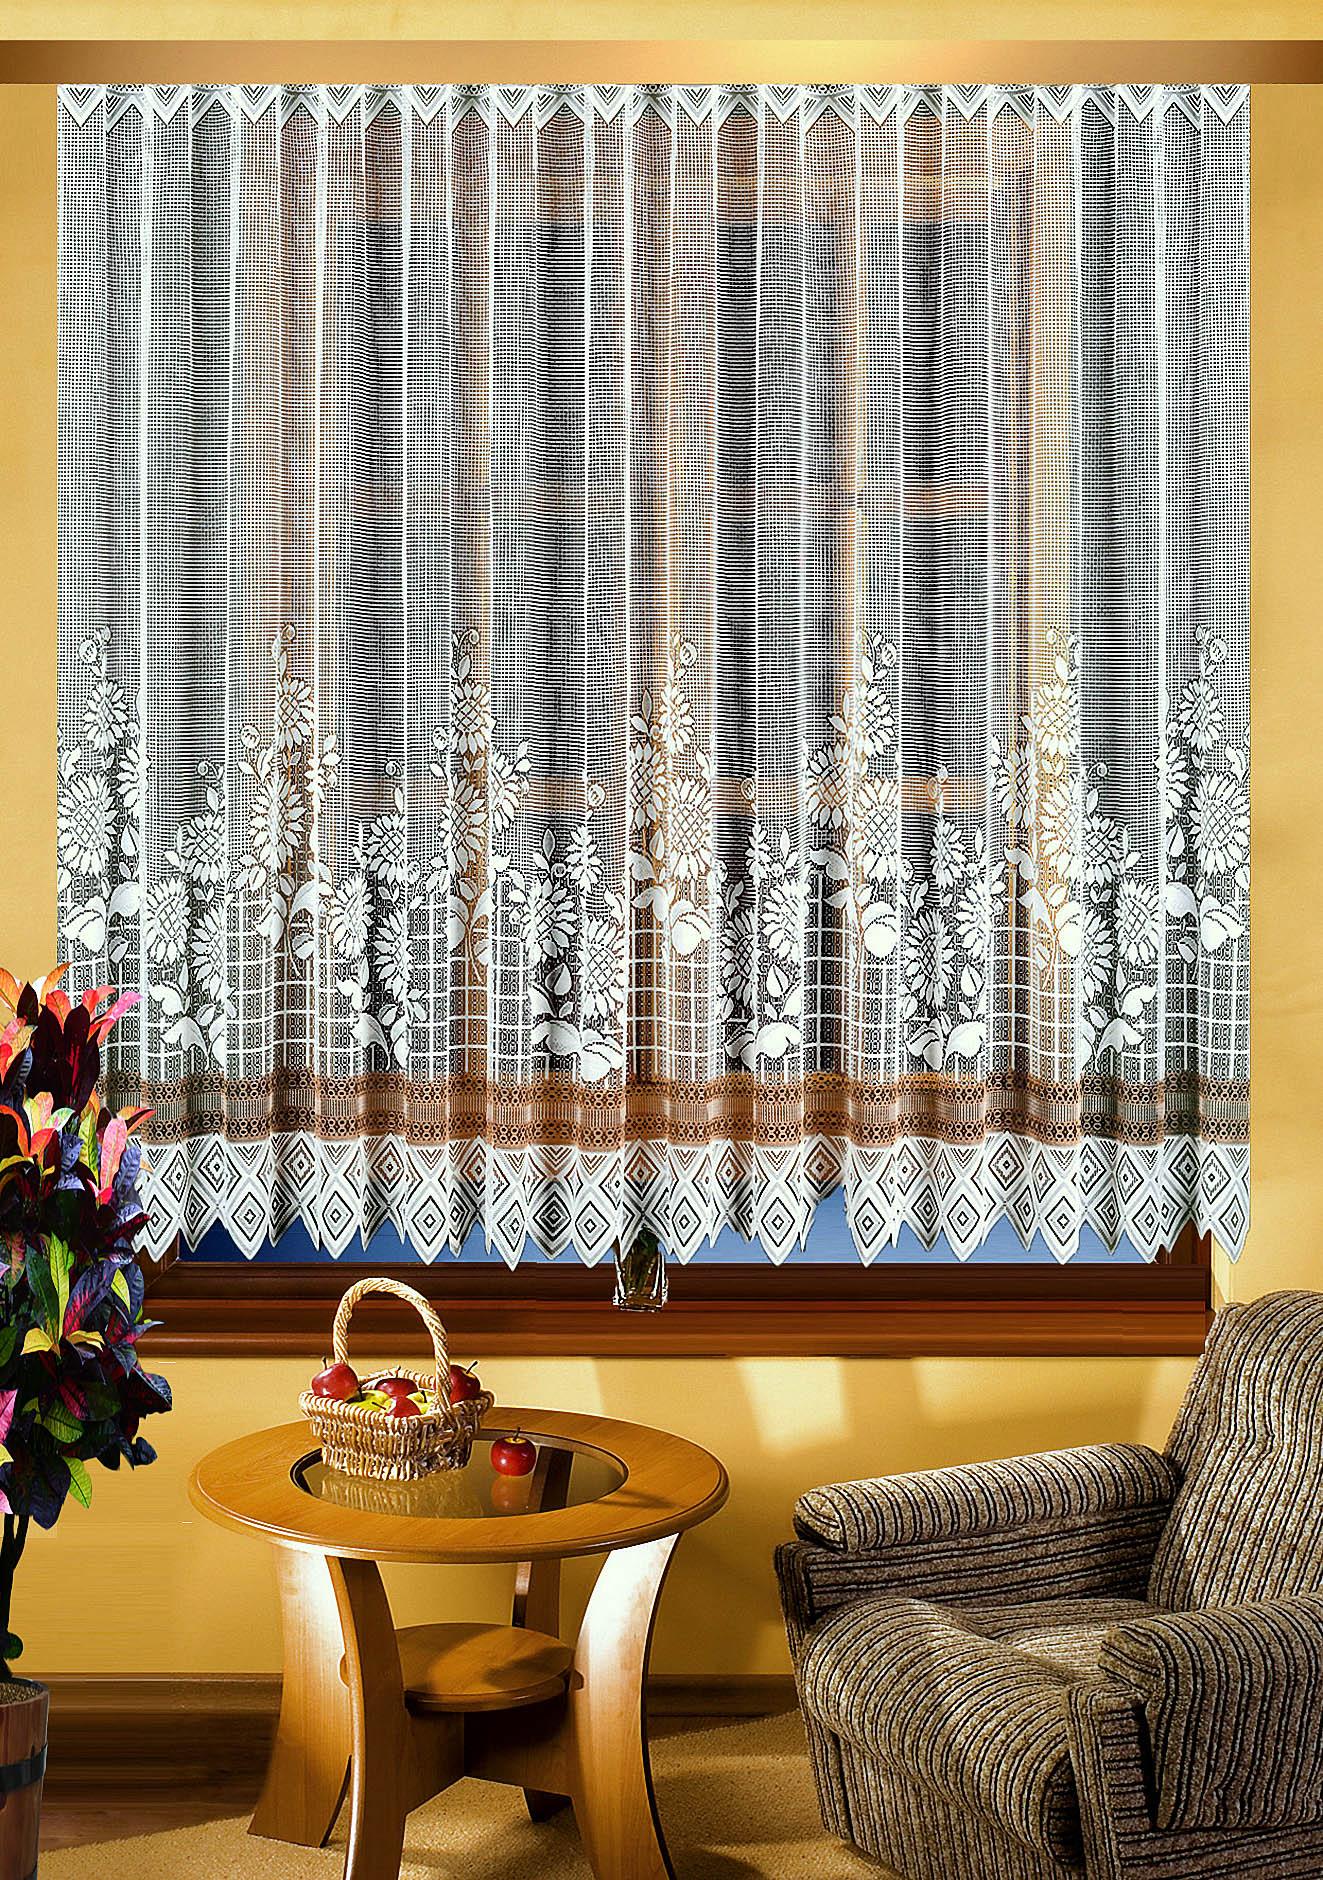 Купить Шторы Elegante, Классические шторы Gardinochki Цвет: Белый, Крем, Китай, Белый, Кремовый, Тюль